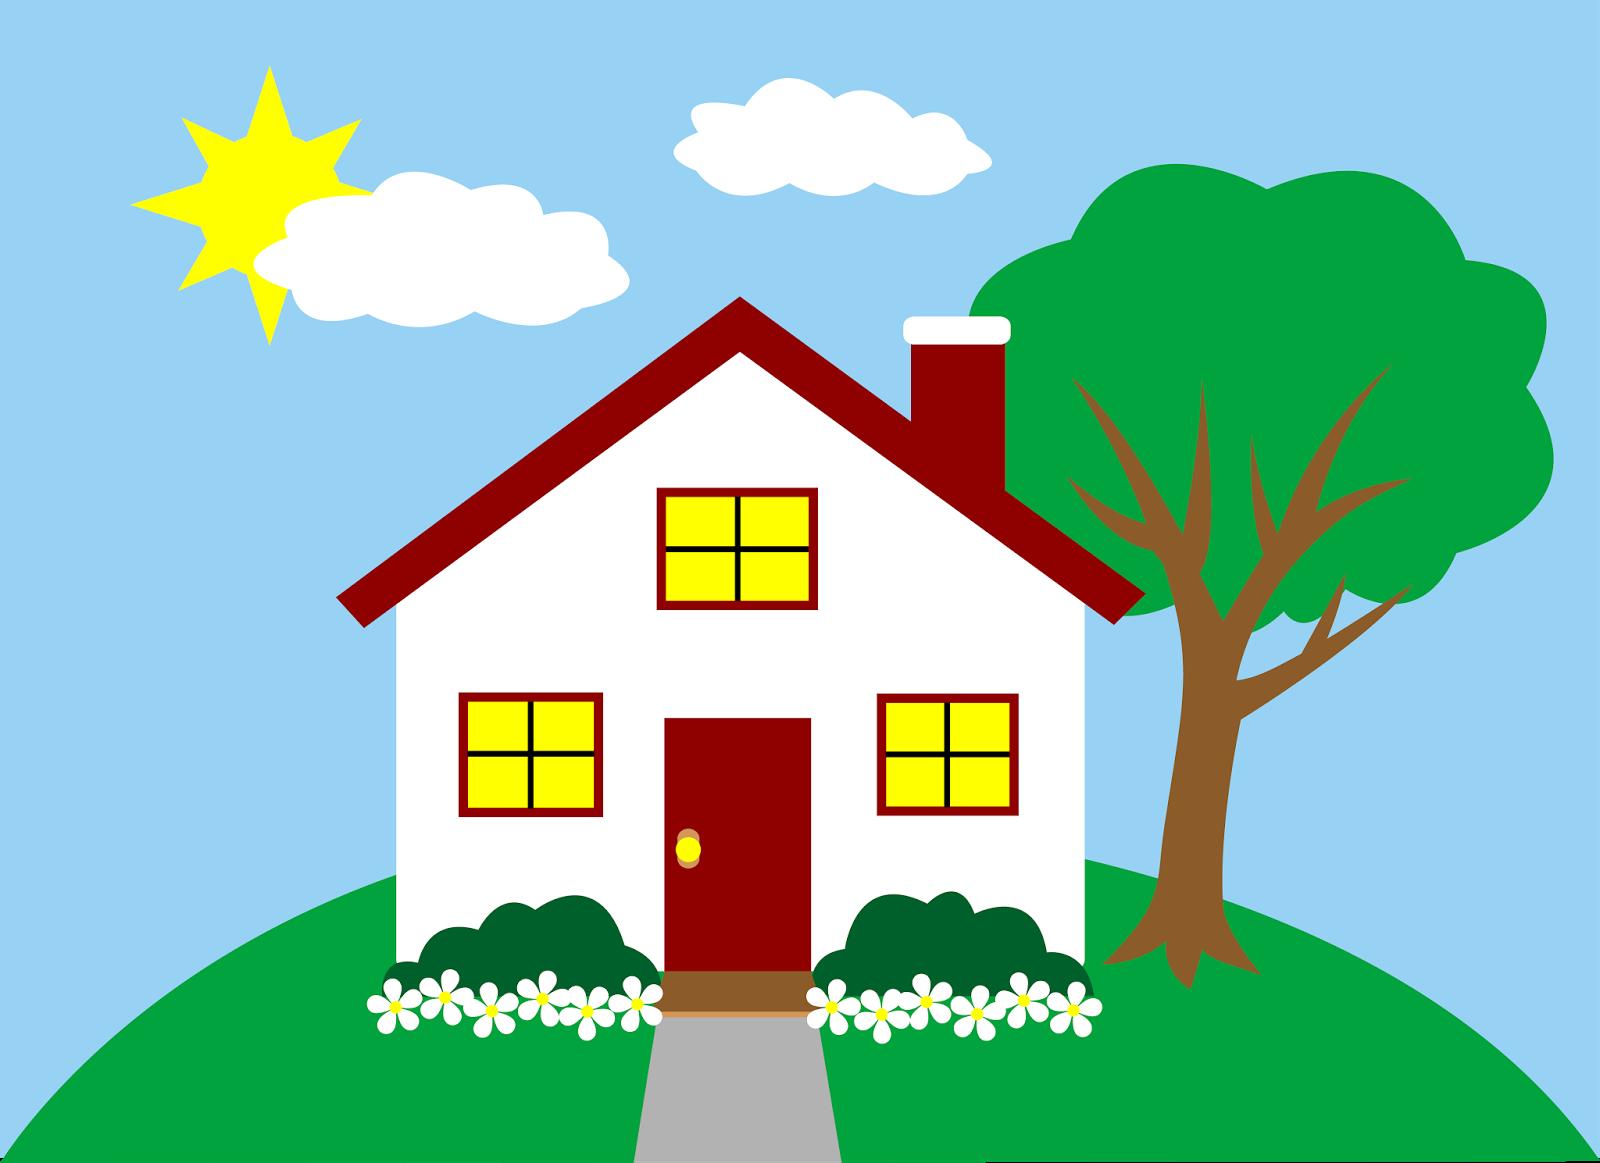 Clip art house-Clip art house-5